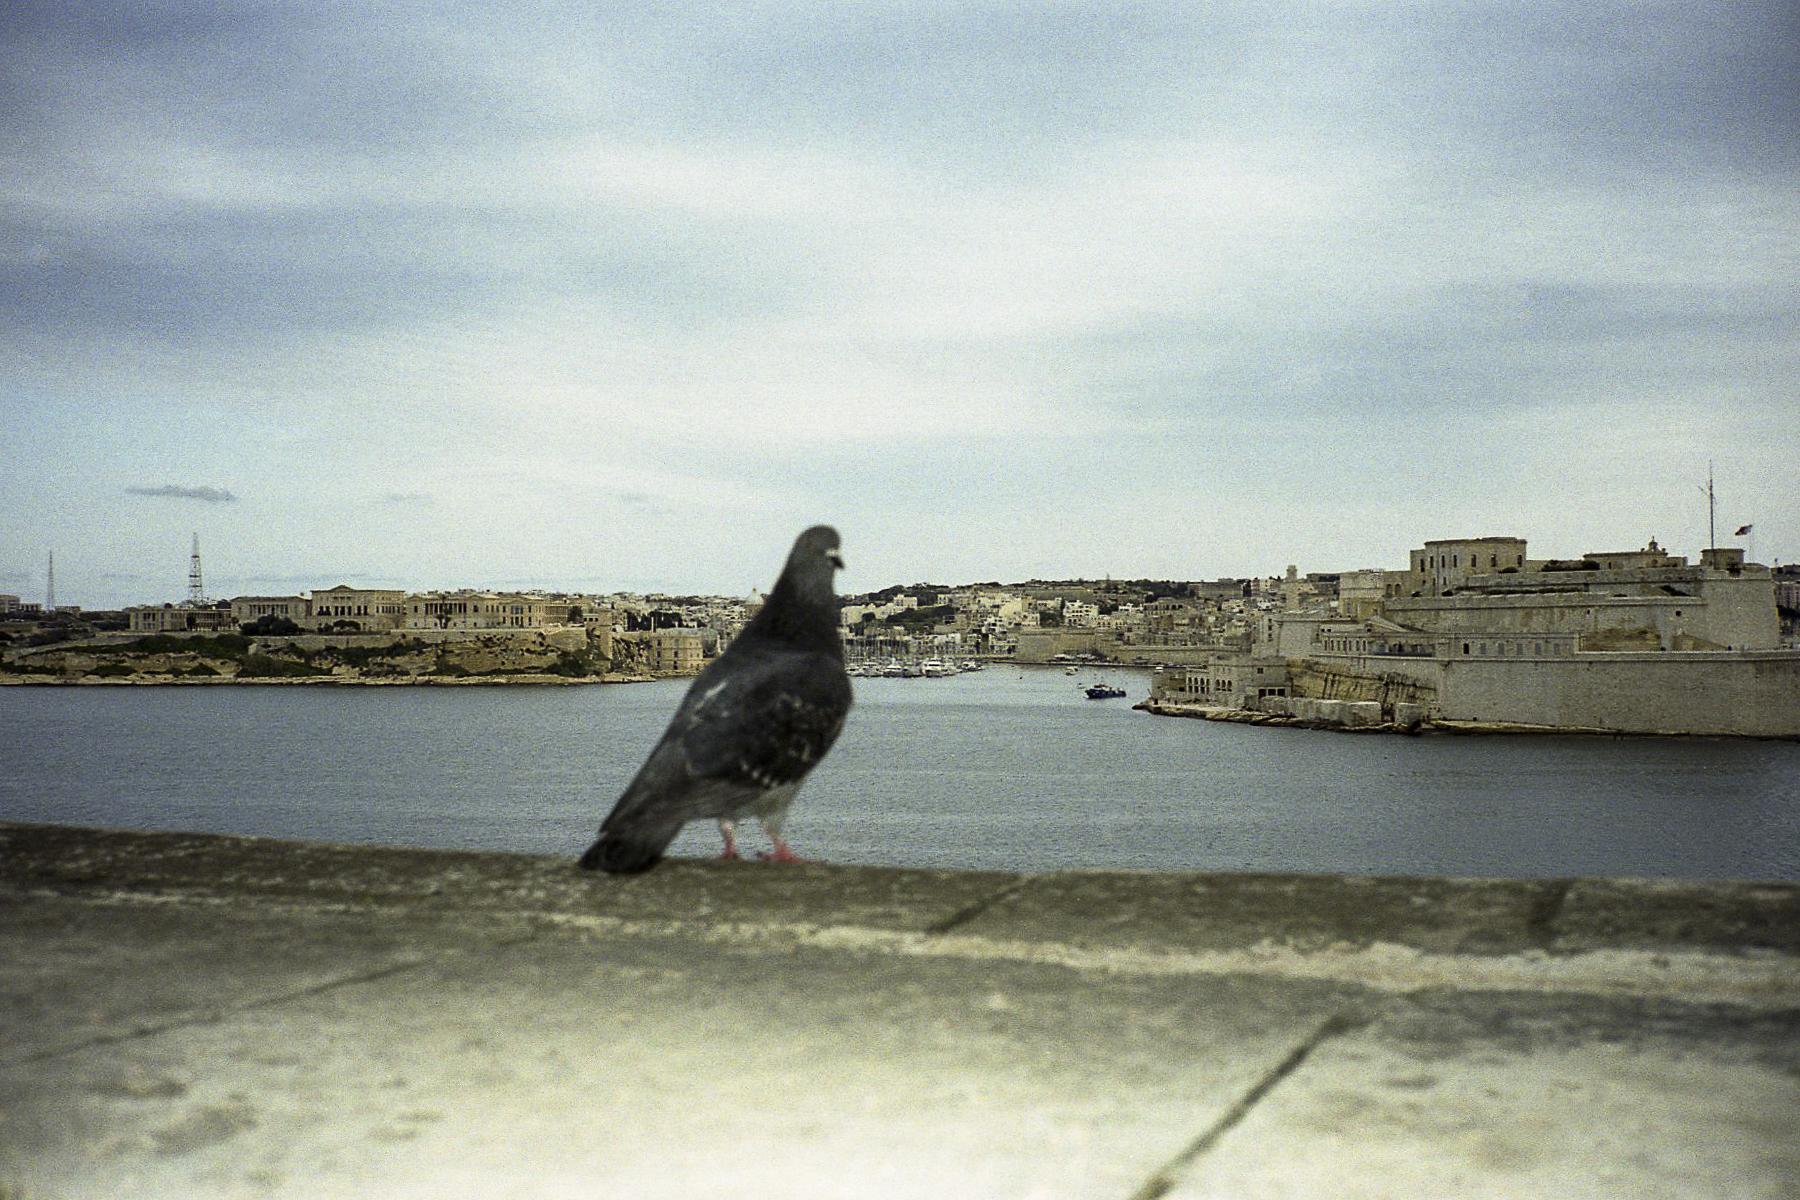 Malta, Malta